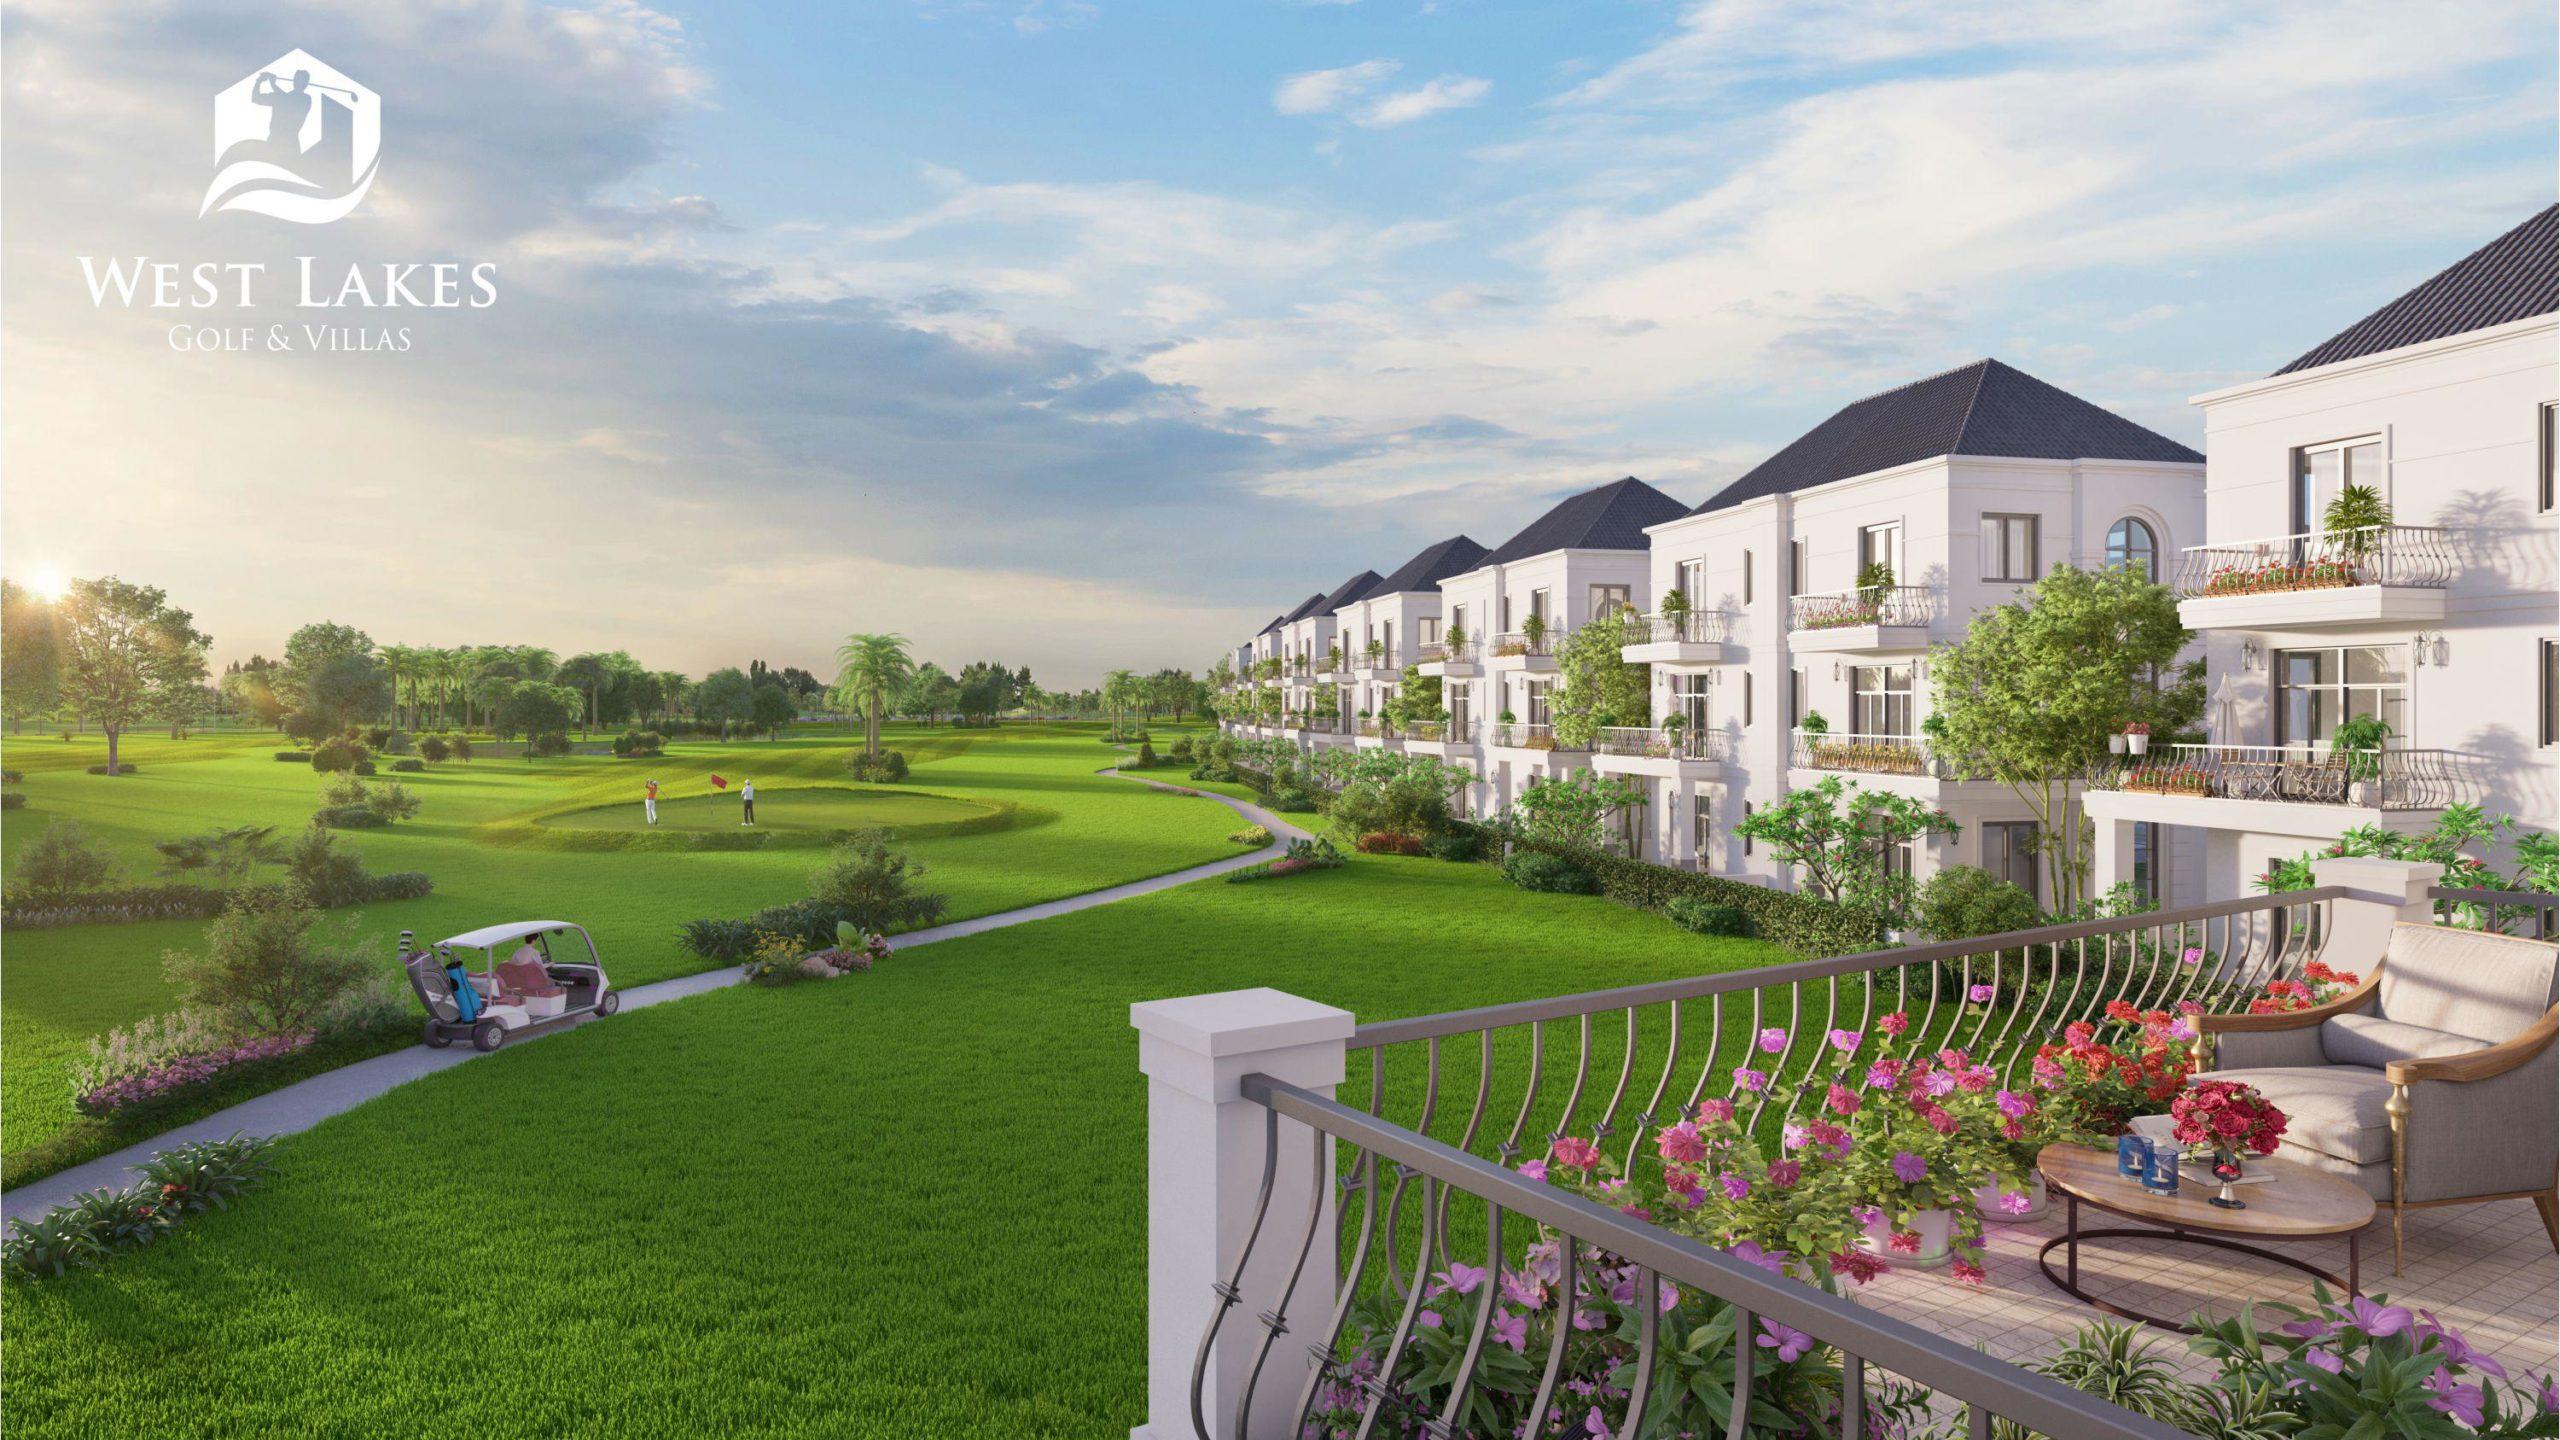 West Lakes Golf & Villas siêu dự án đô thị sân golf tại Long An